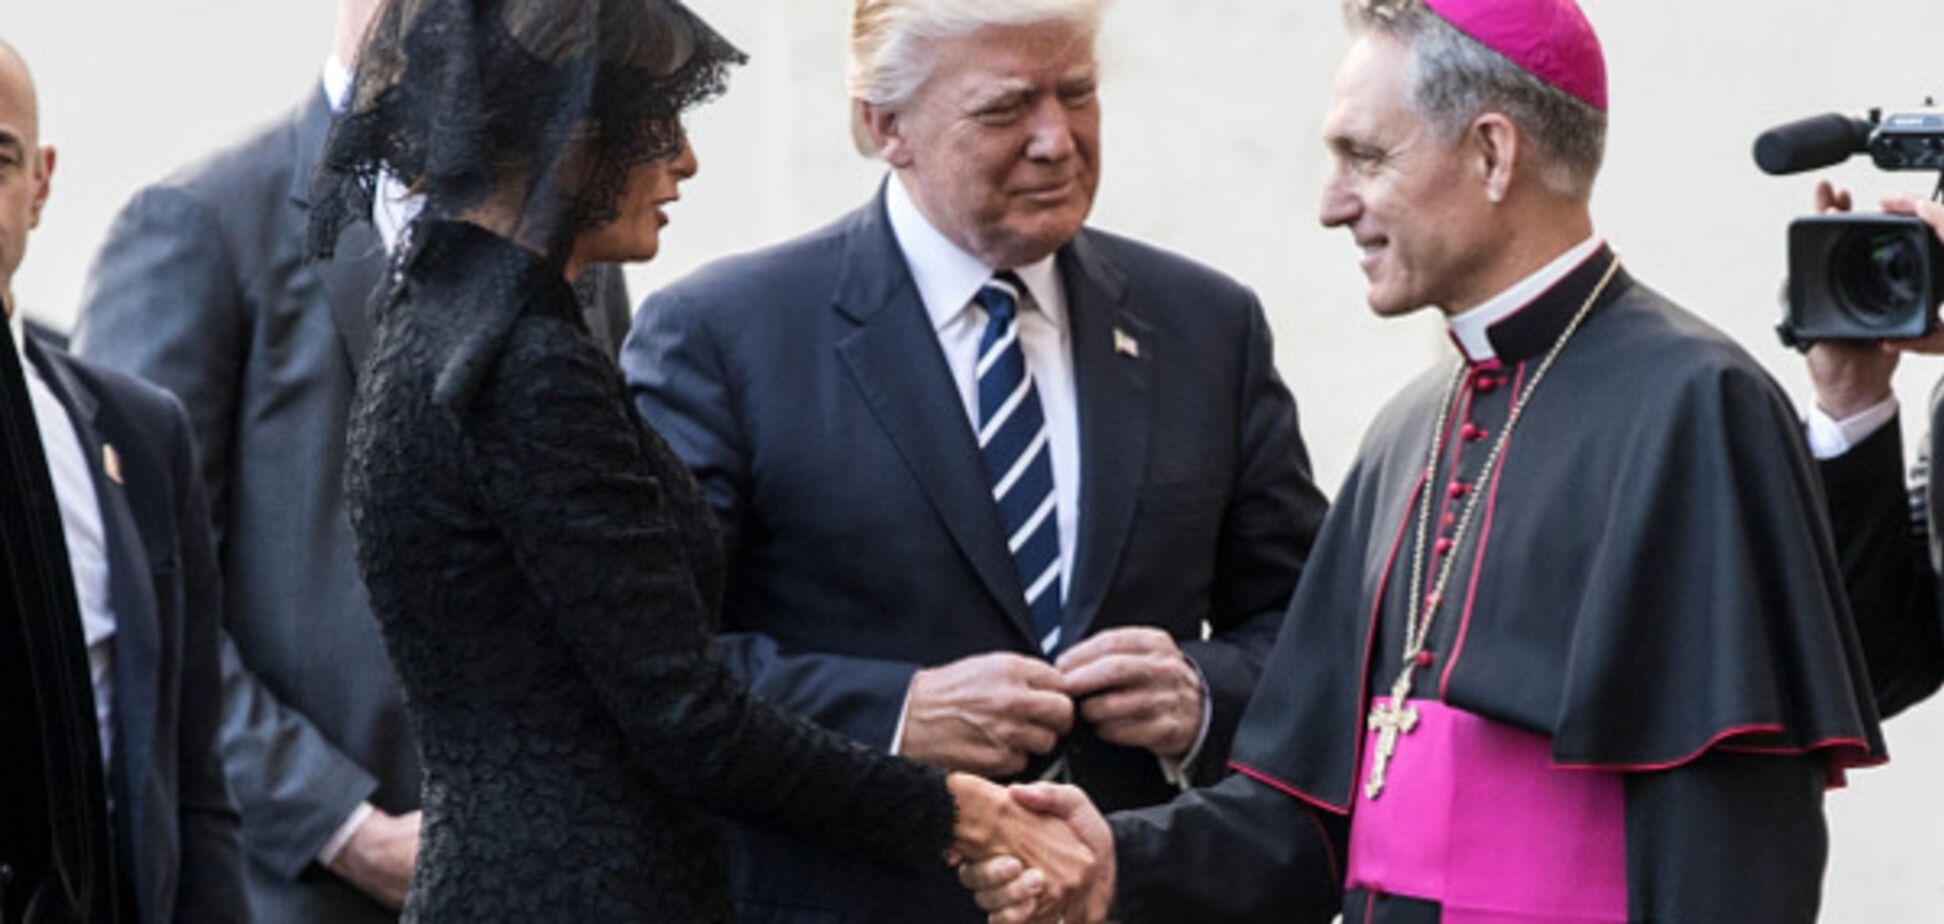 Зустріч Трампа з Папою Римським перетворили в анекдот